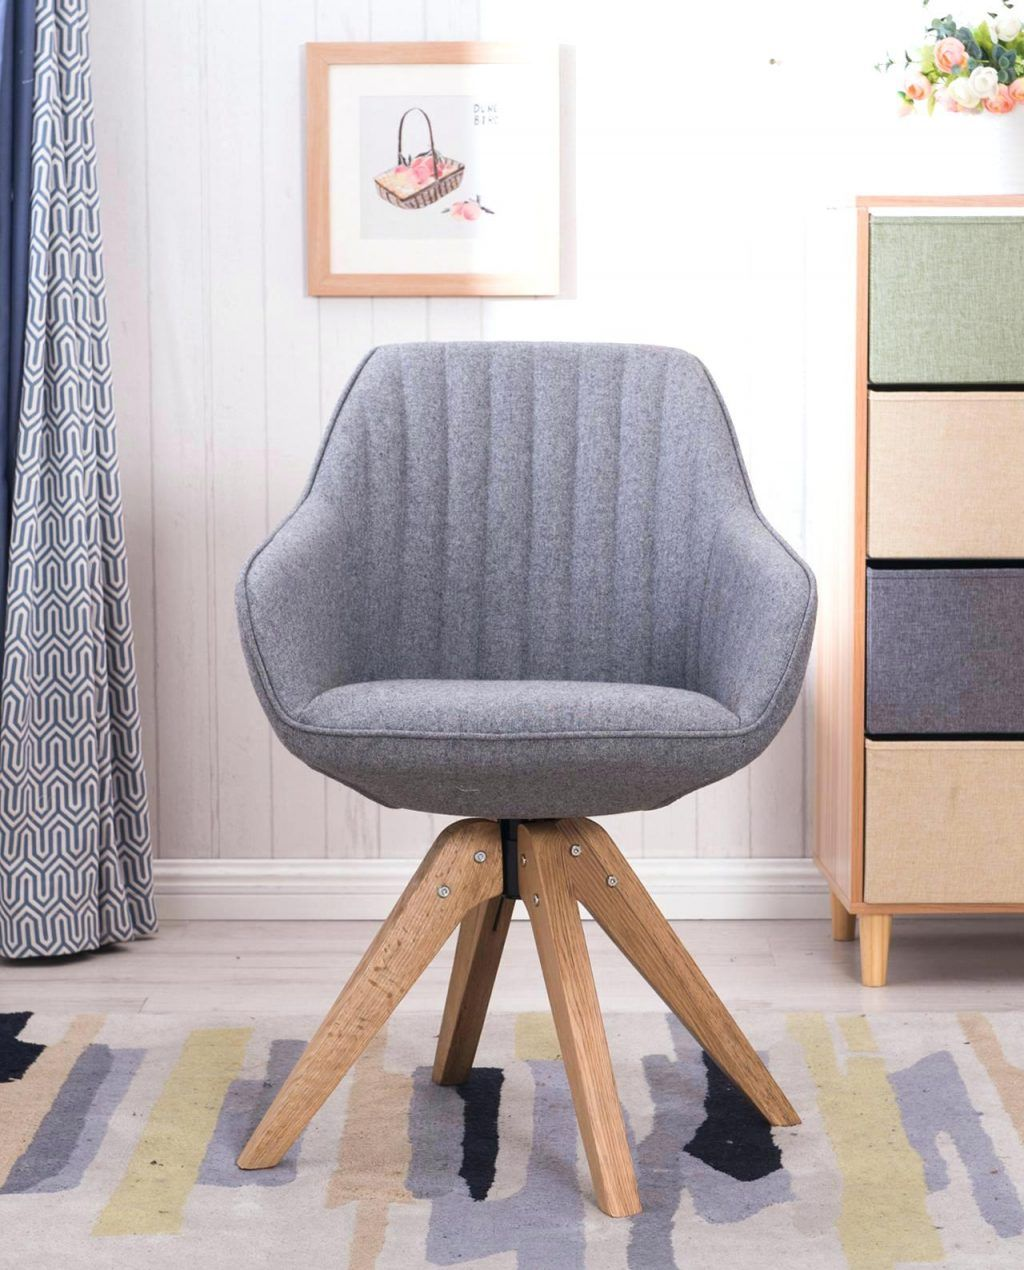 Design D Interieur Fauteuil Bureau Scandinave Chaise Design Pivotante Dune Kayellesgris Flanelle Pas Cher Fauteuil Bureau Chaise Design Fauteuil Bureau Design